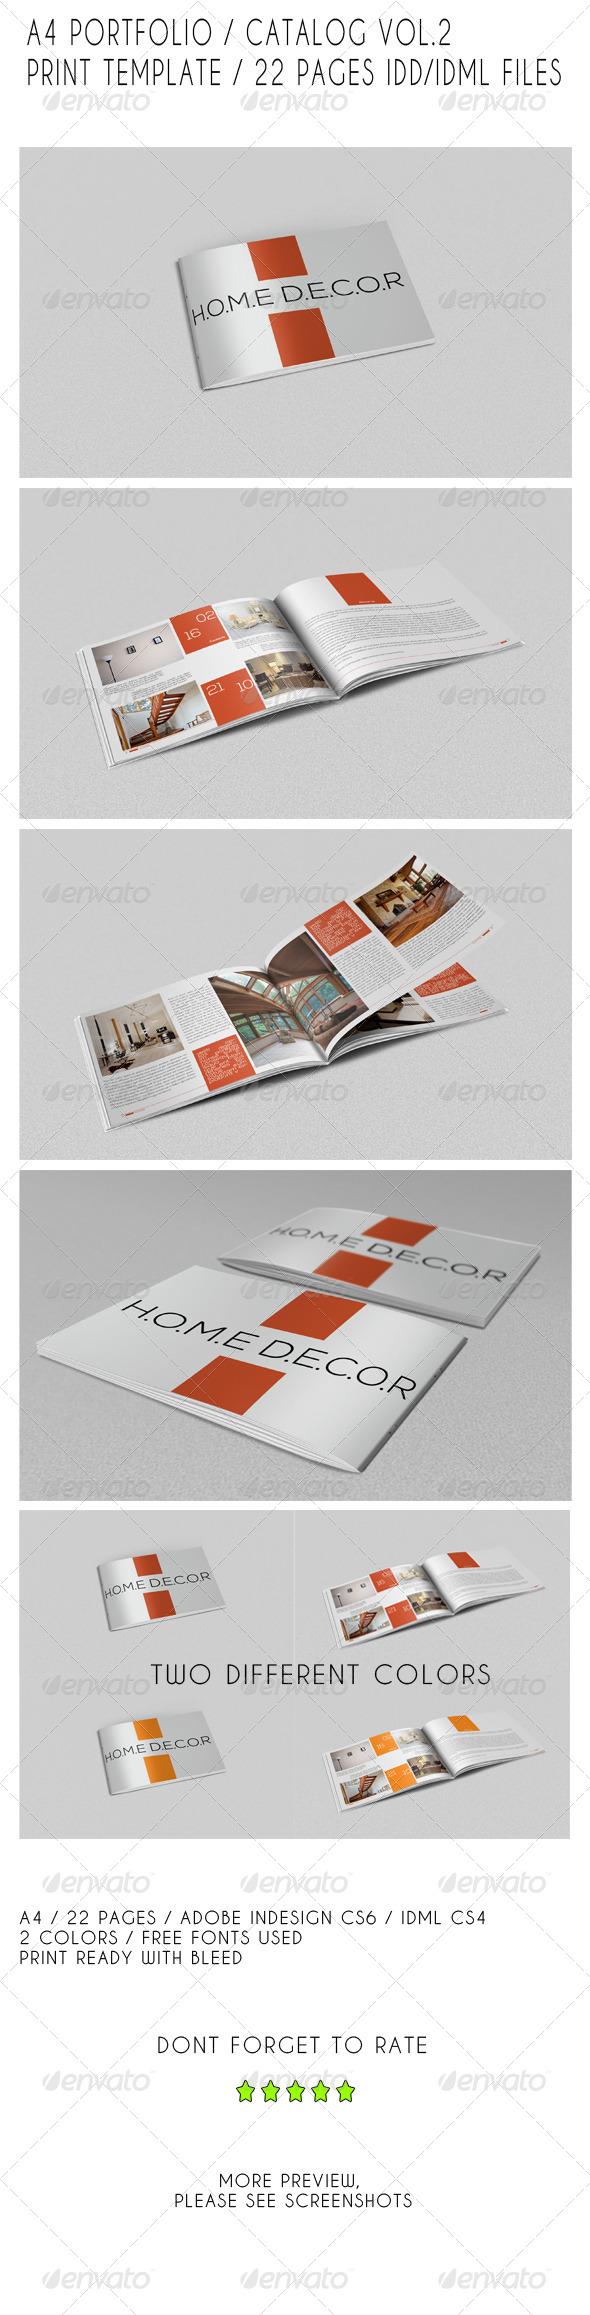 GraphicRiver A4 Portfolio Catalog Template 7823002